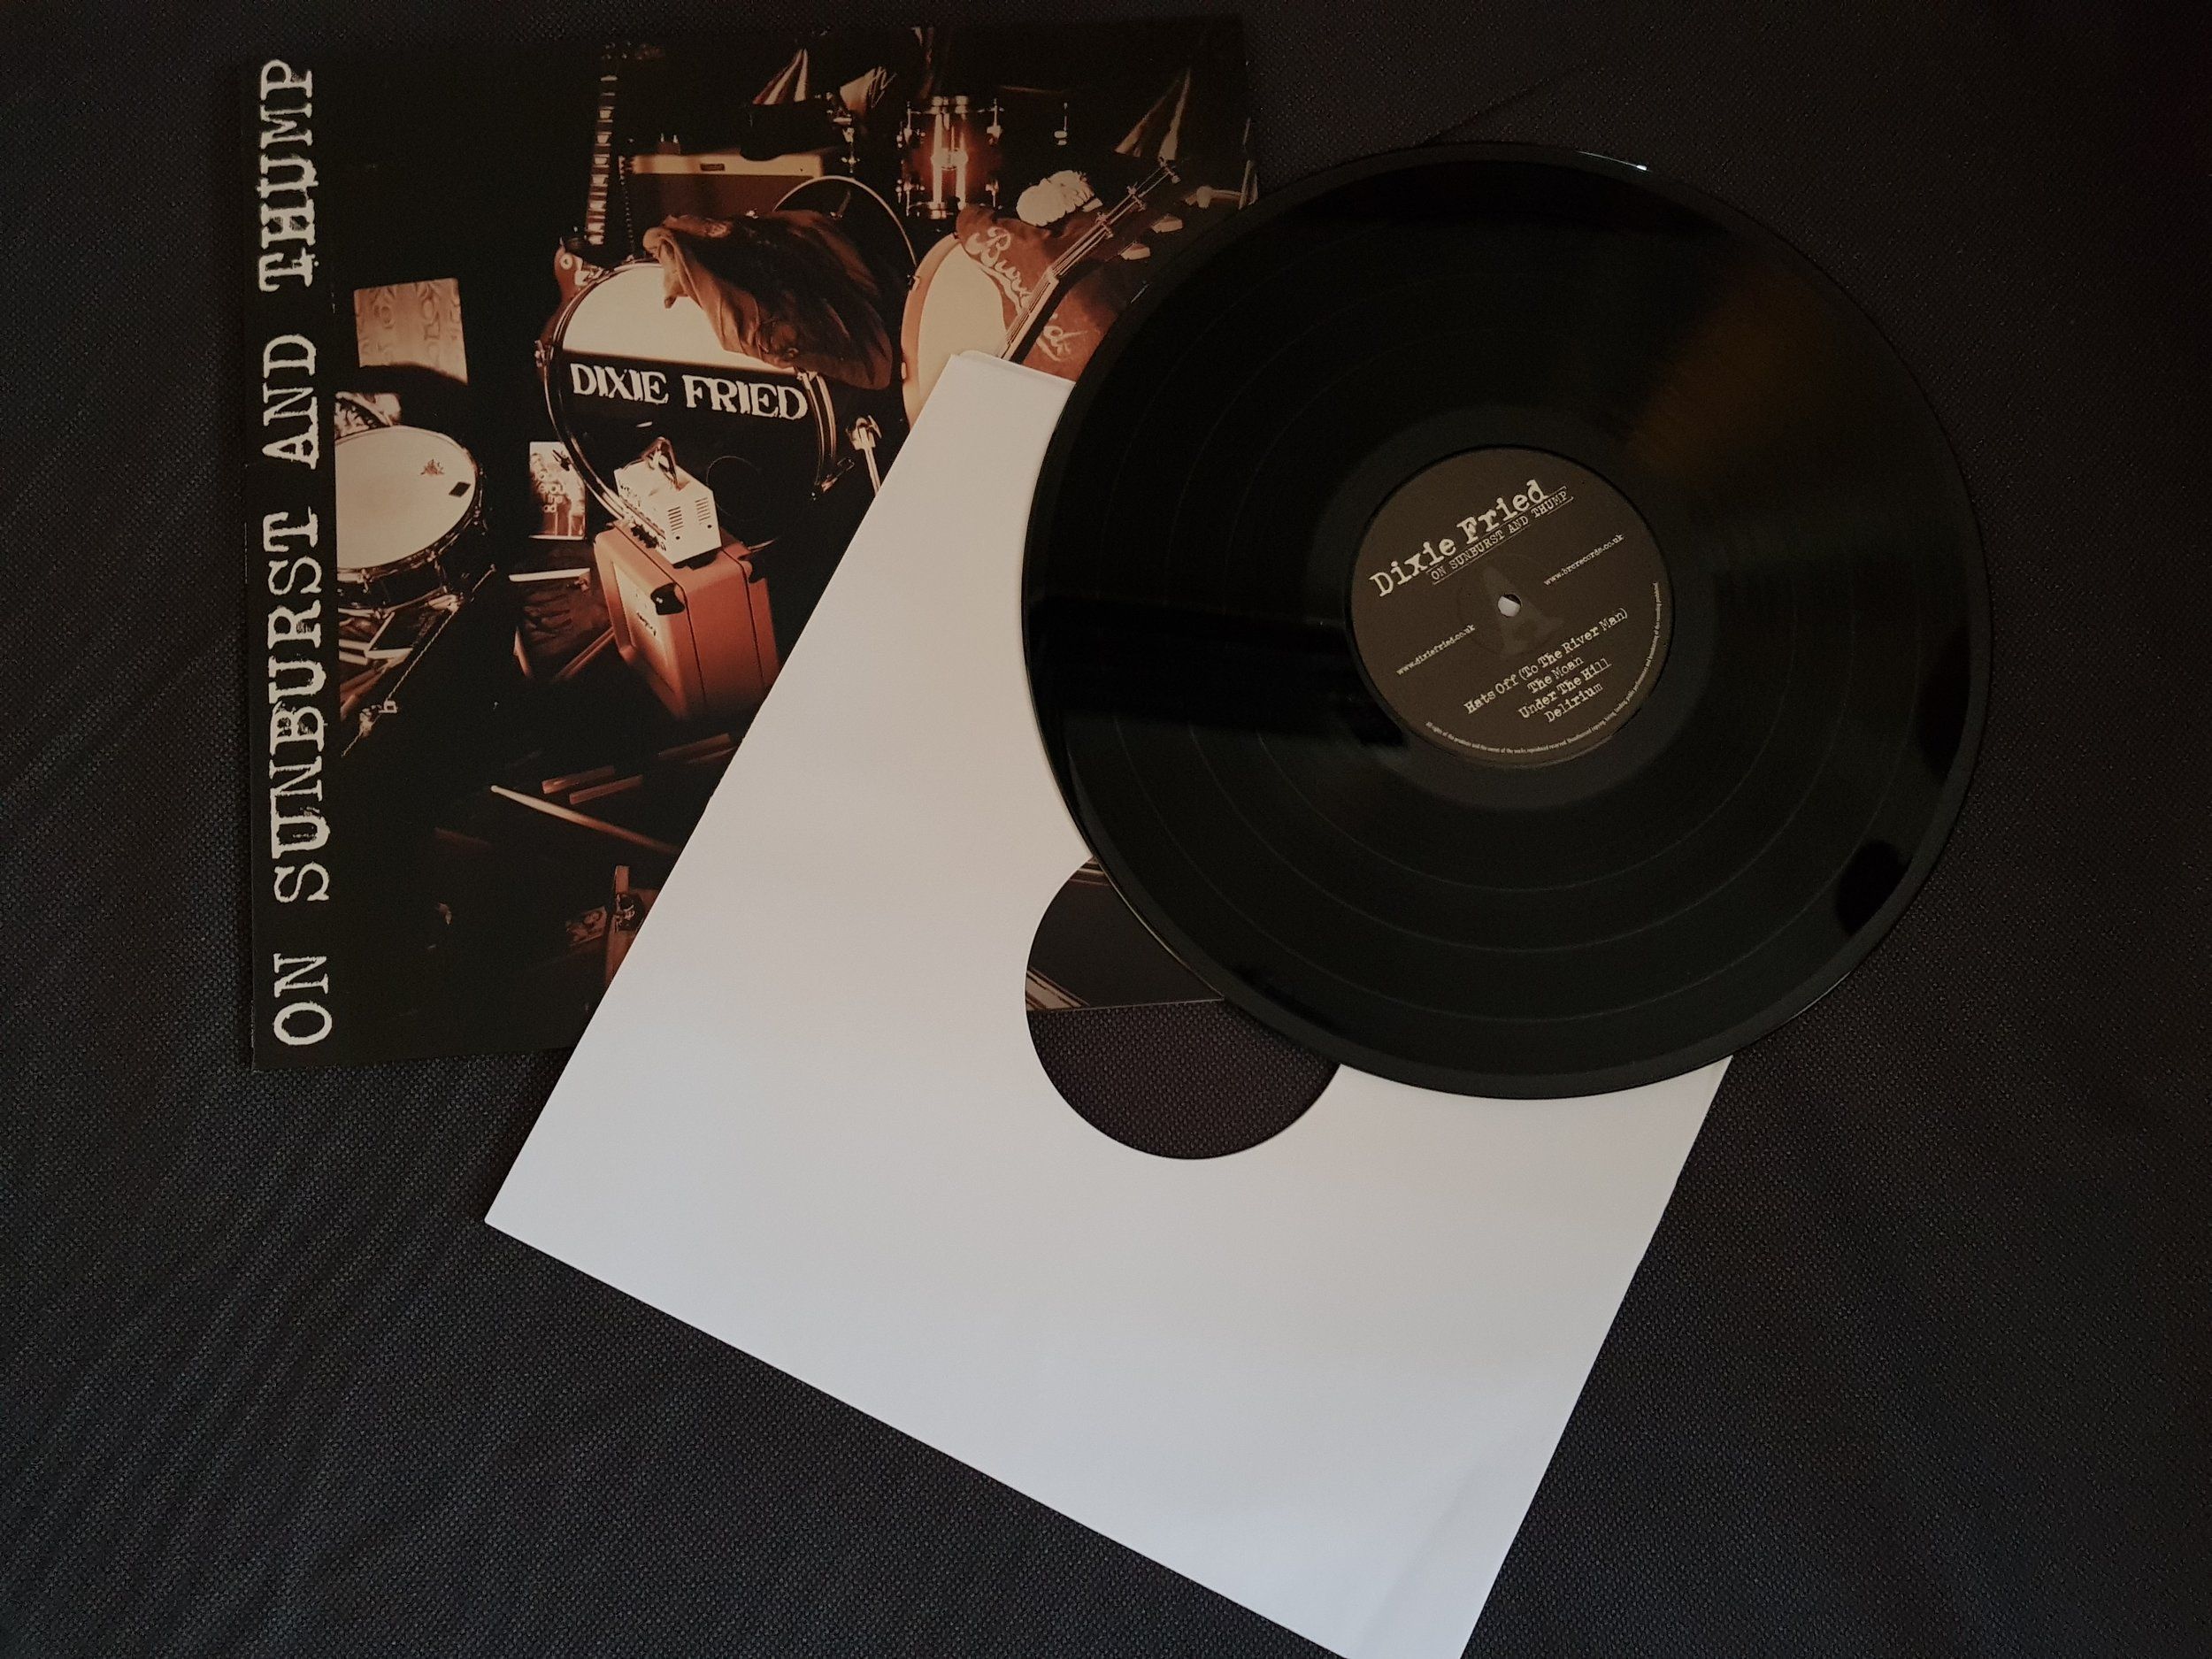 OSAT vinyl